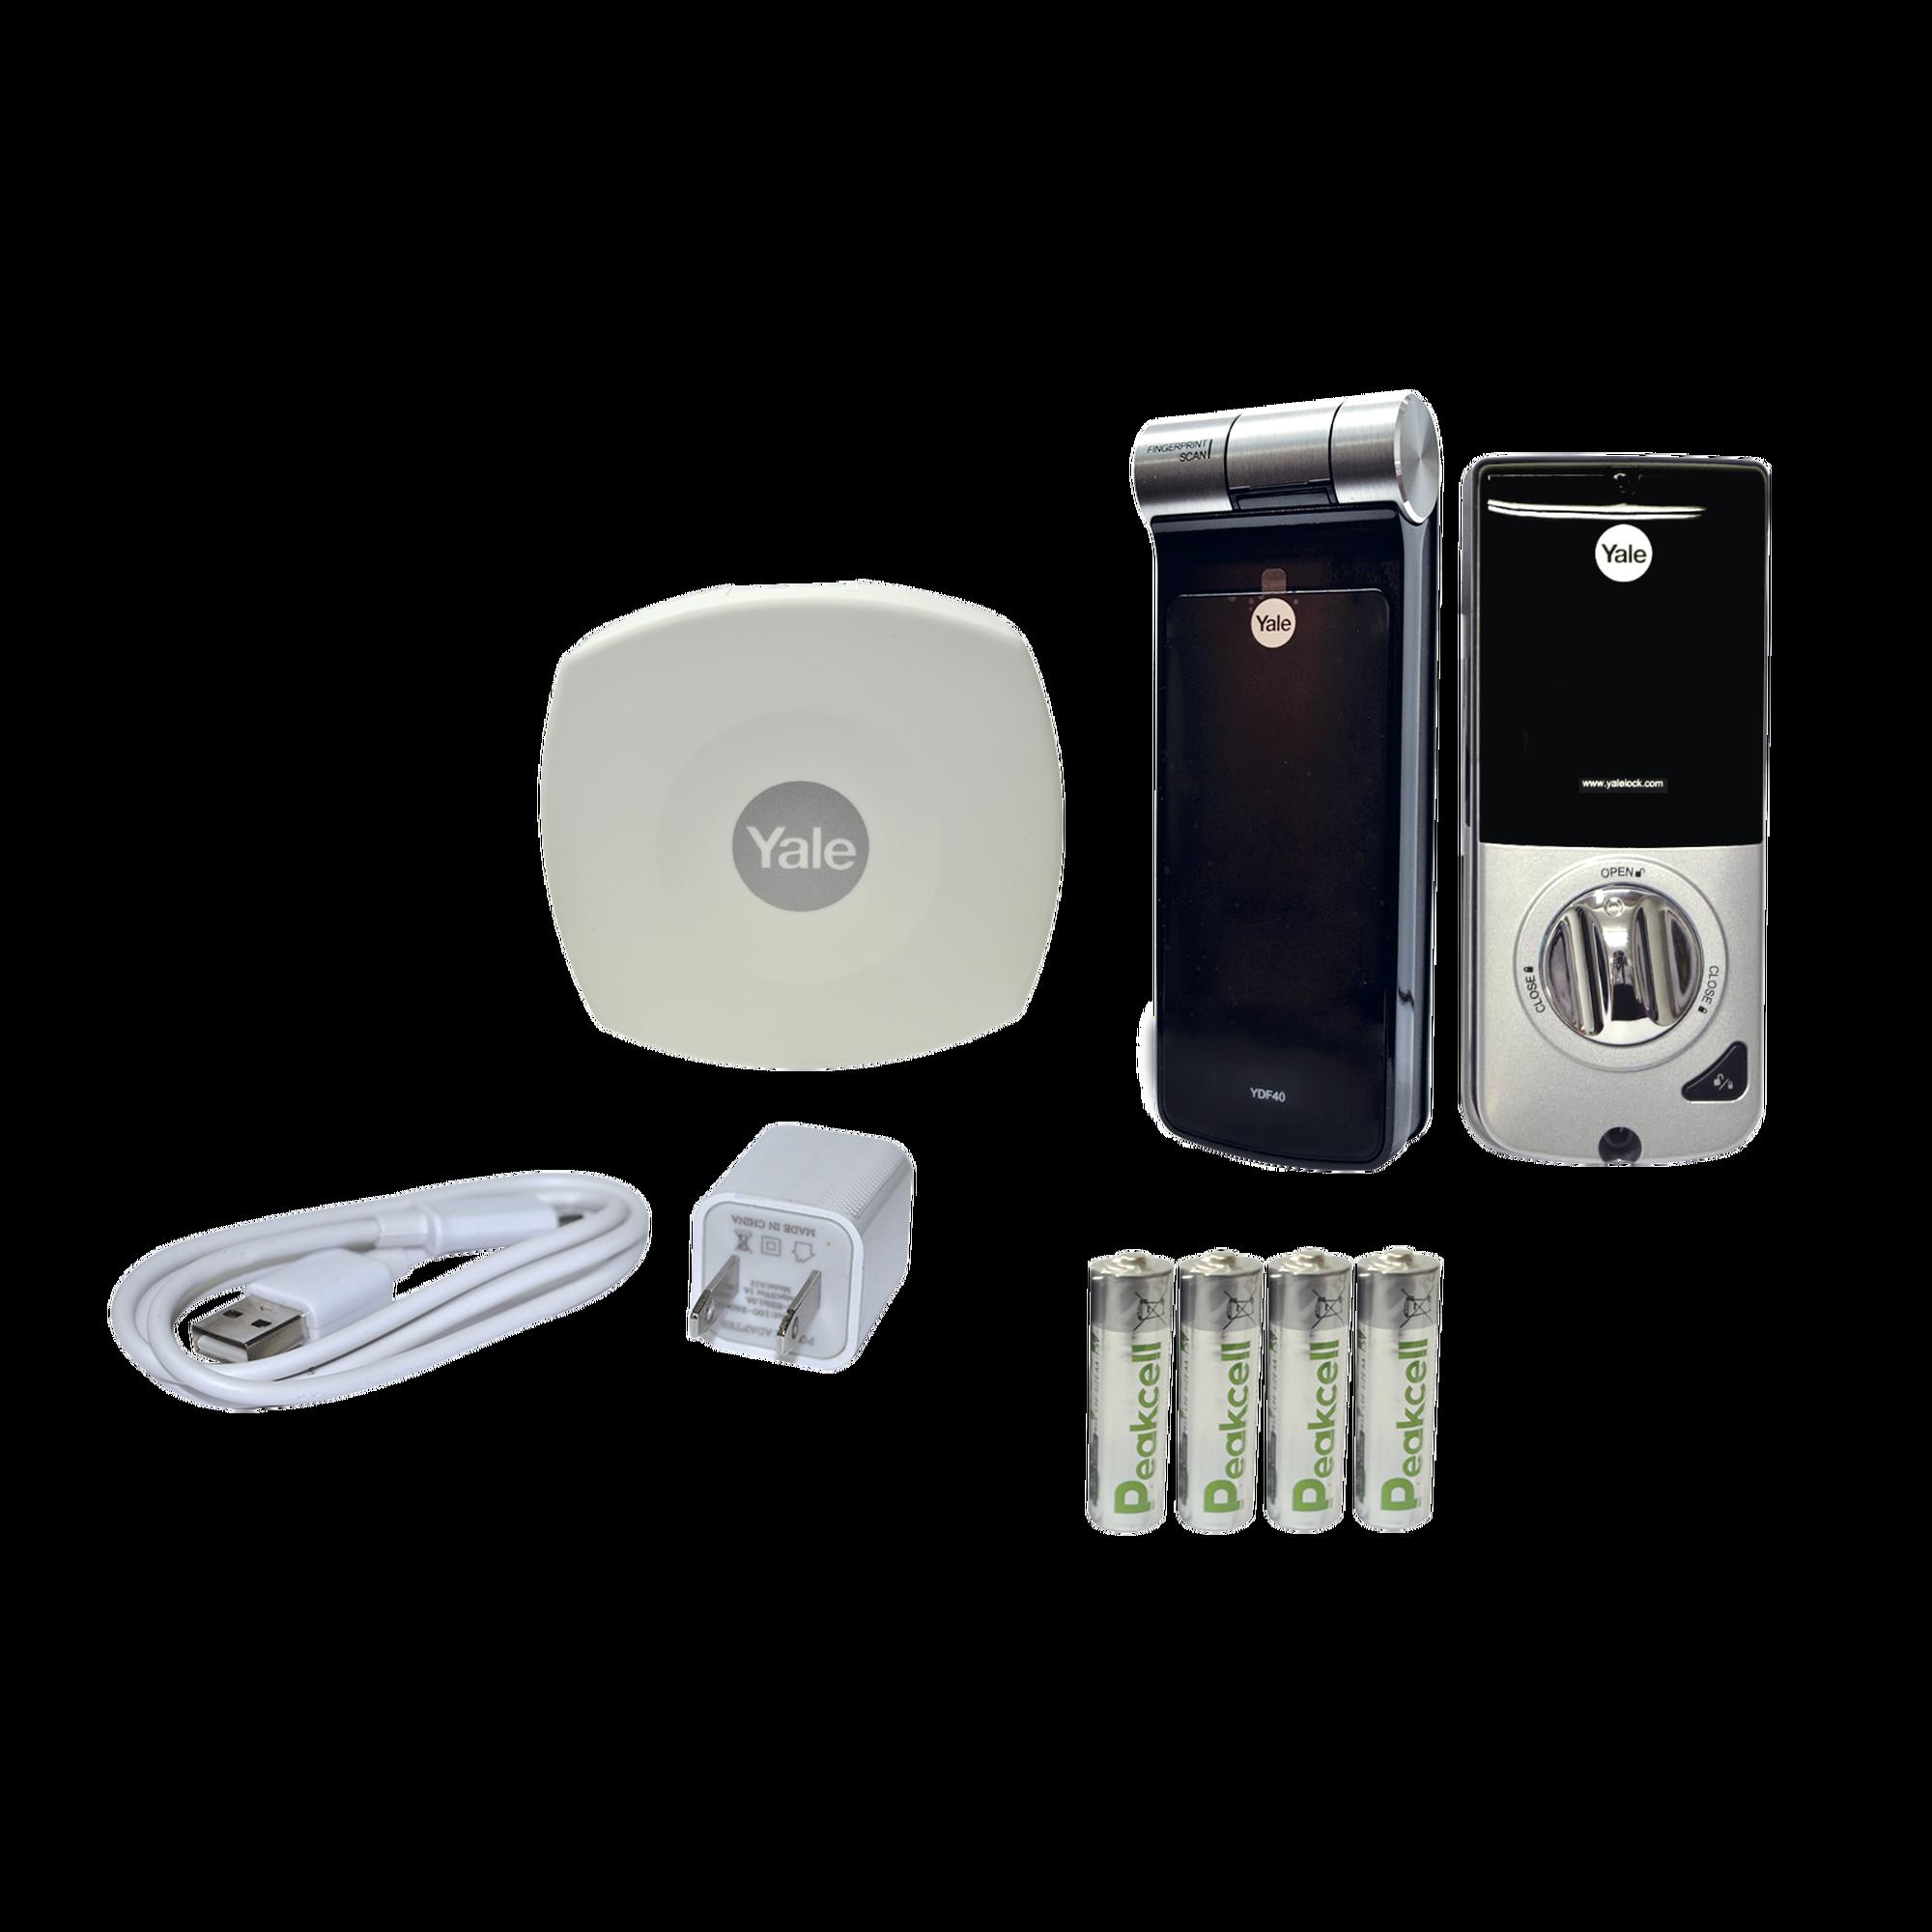 Kit de Hub con Cerradura YDF40: Código, Biometria y apertura Smartphone en cualquier parte el Mundo